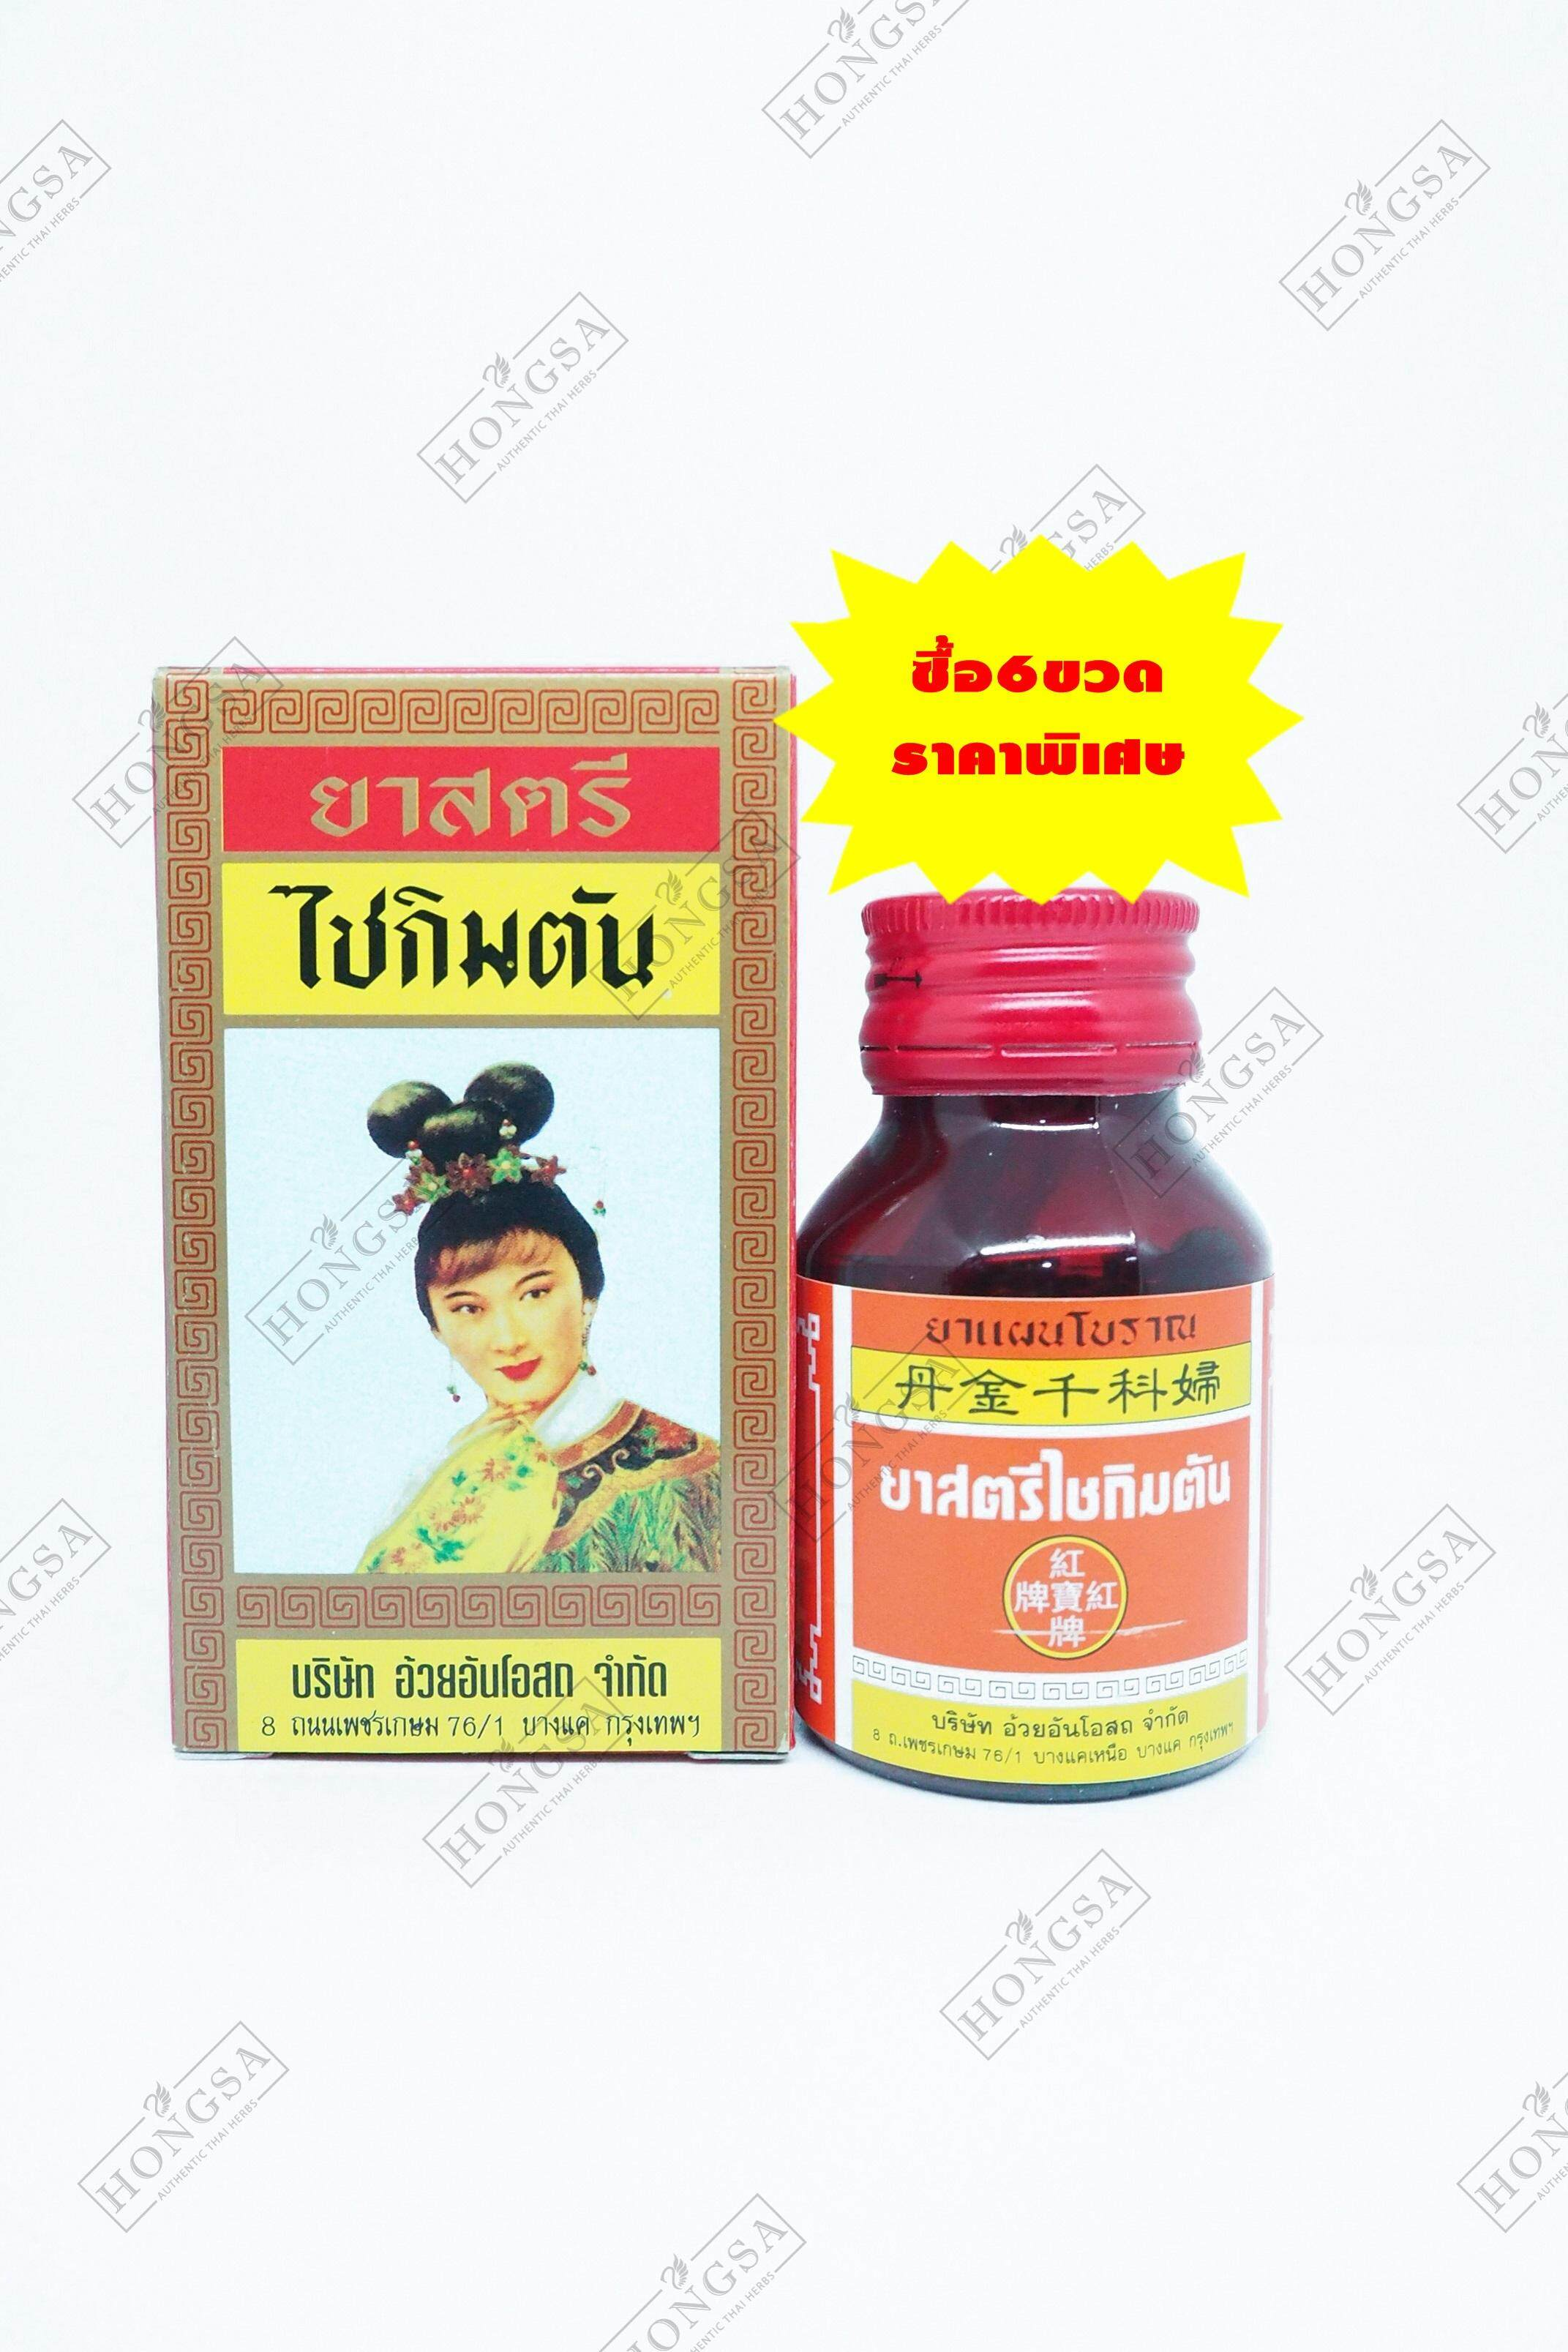 (ซื้อ 6 ขวดราคาพิเศษ) สมุนไพรสตรีไชกิมตัน บำรุงร่างกายสตรี150 เม็ด/ขวด By Greentech Biolab.